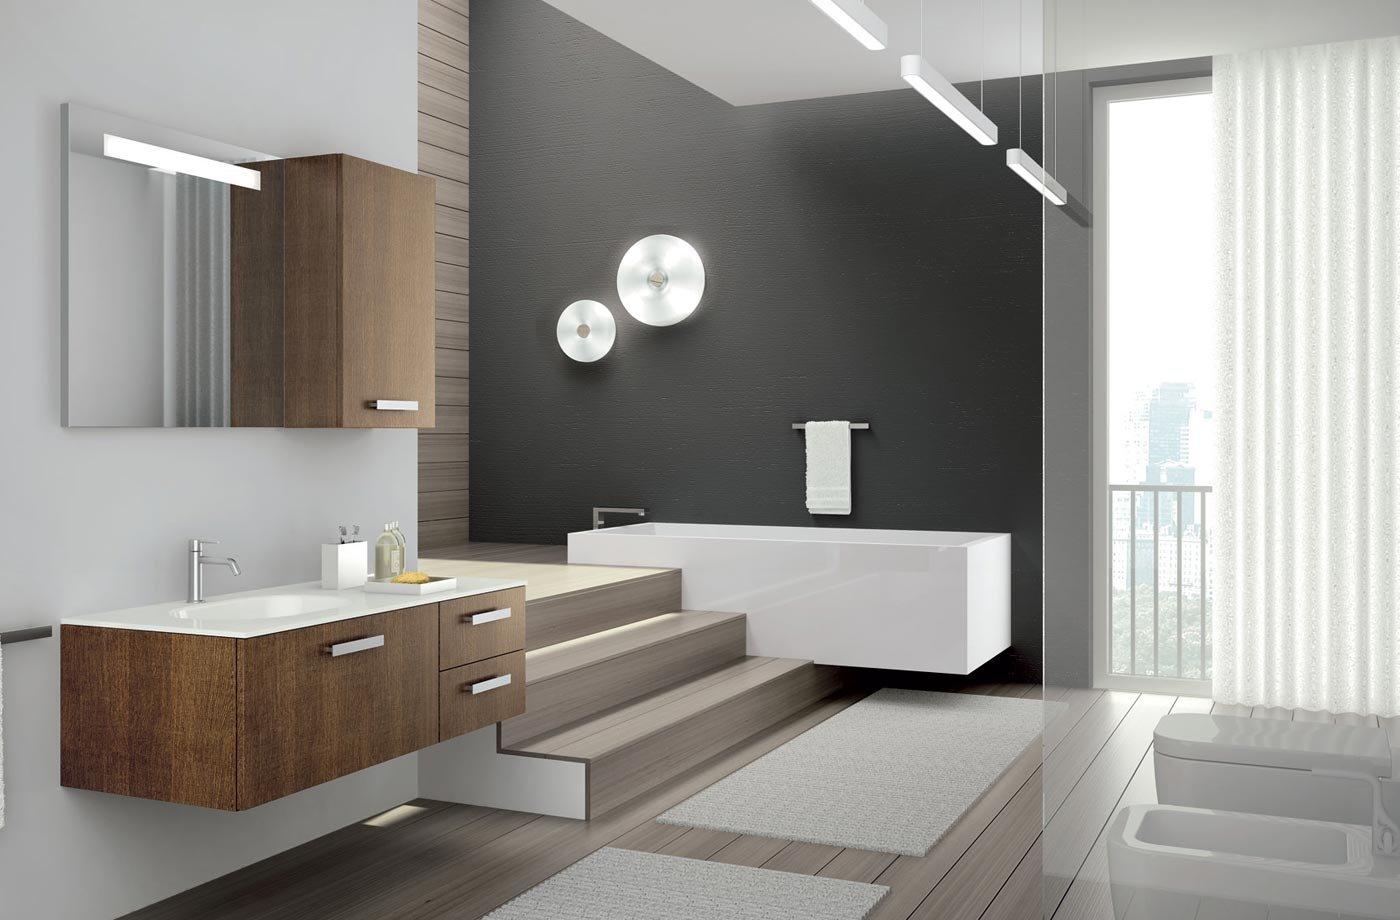 Decoracion De Baño Minimalista:Lavabos de diseño moderno de la firma Altamarea Decoración del